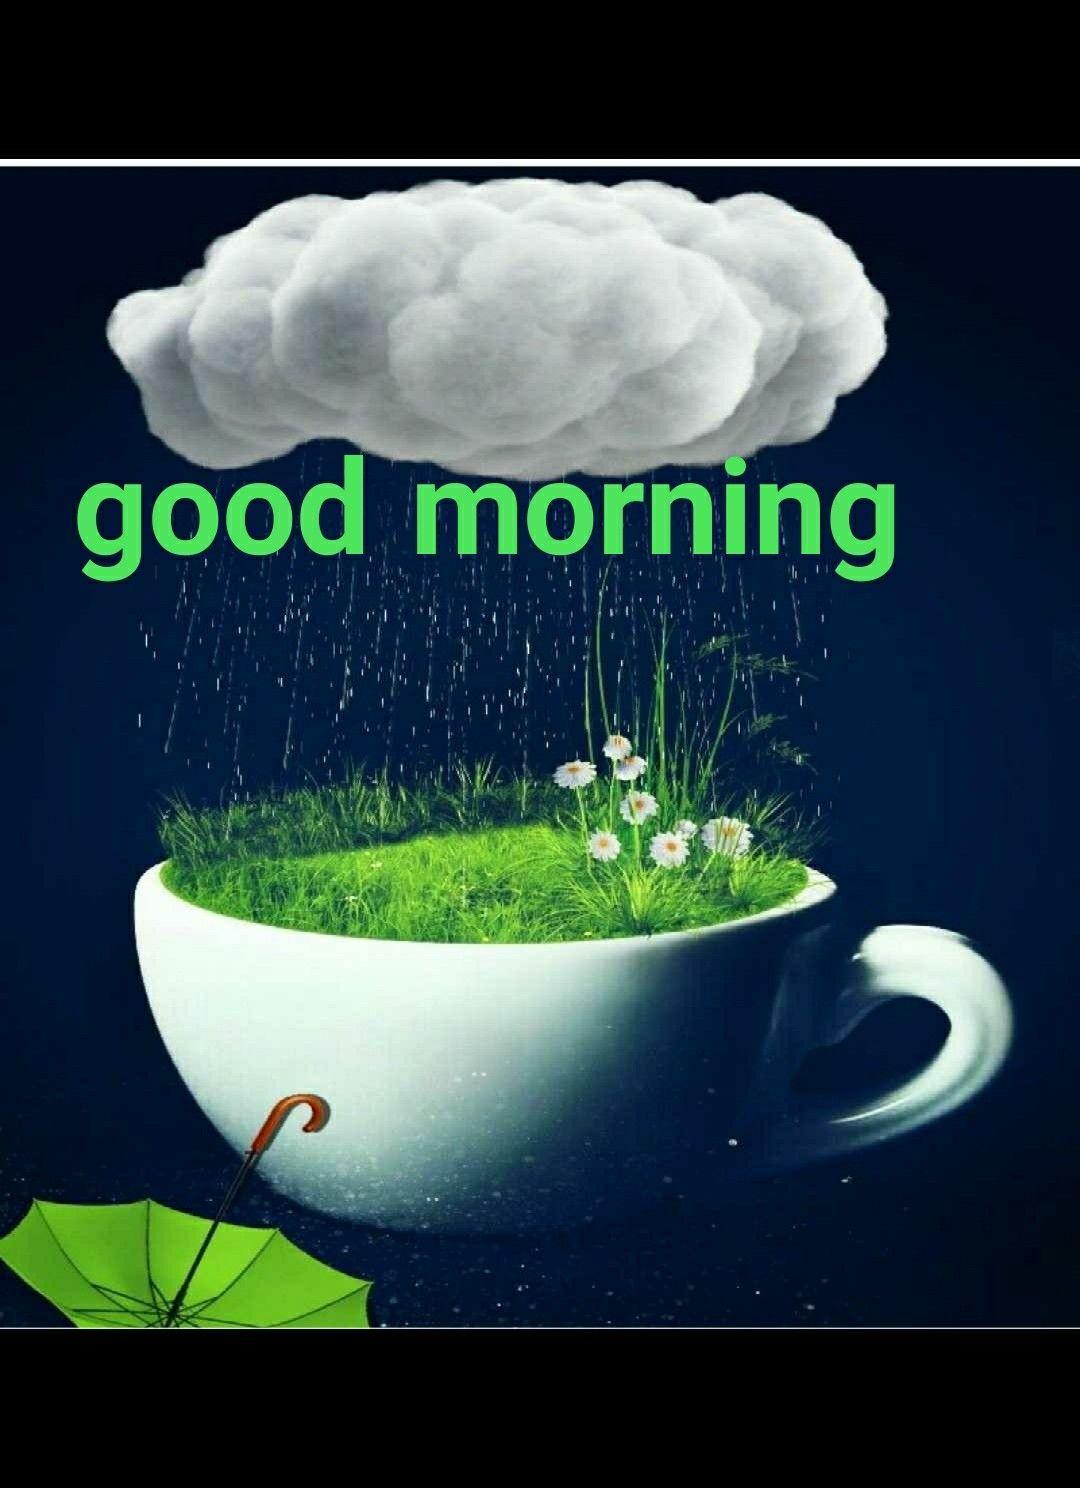 Дождливое утро картинки красивые с надписью, картинки